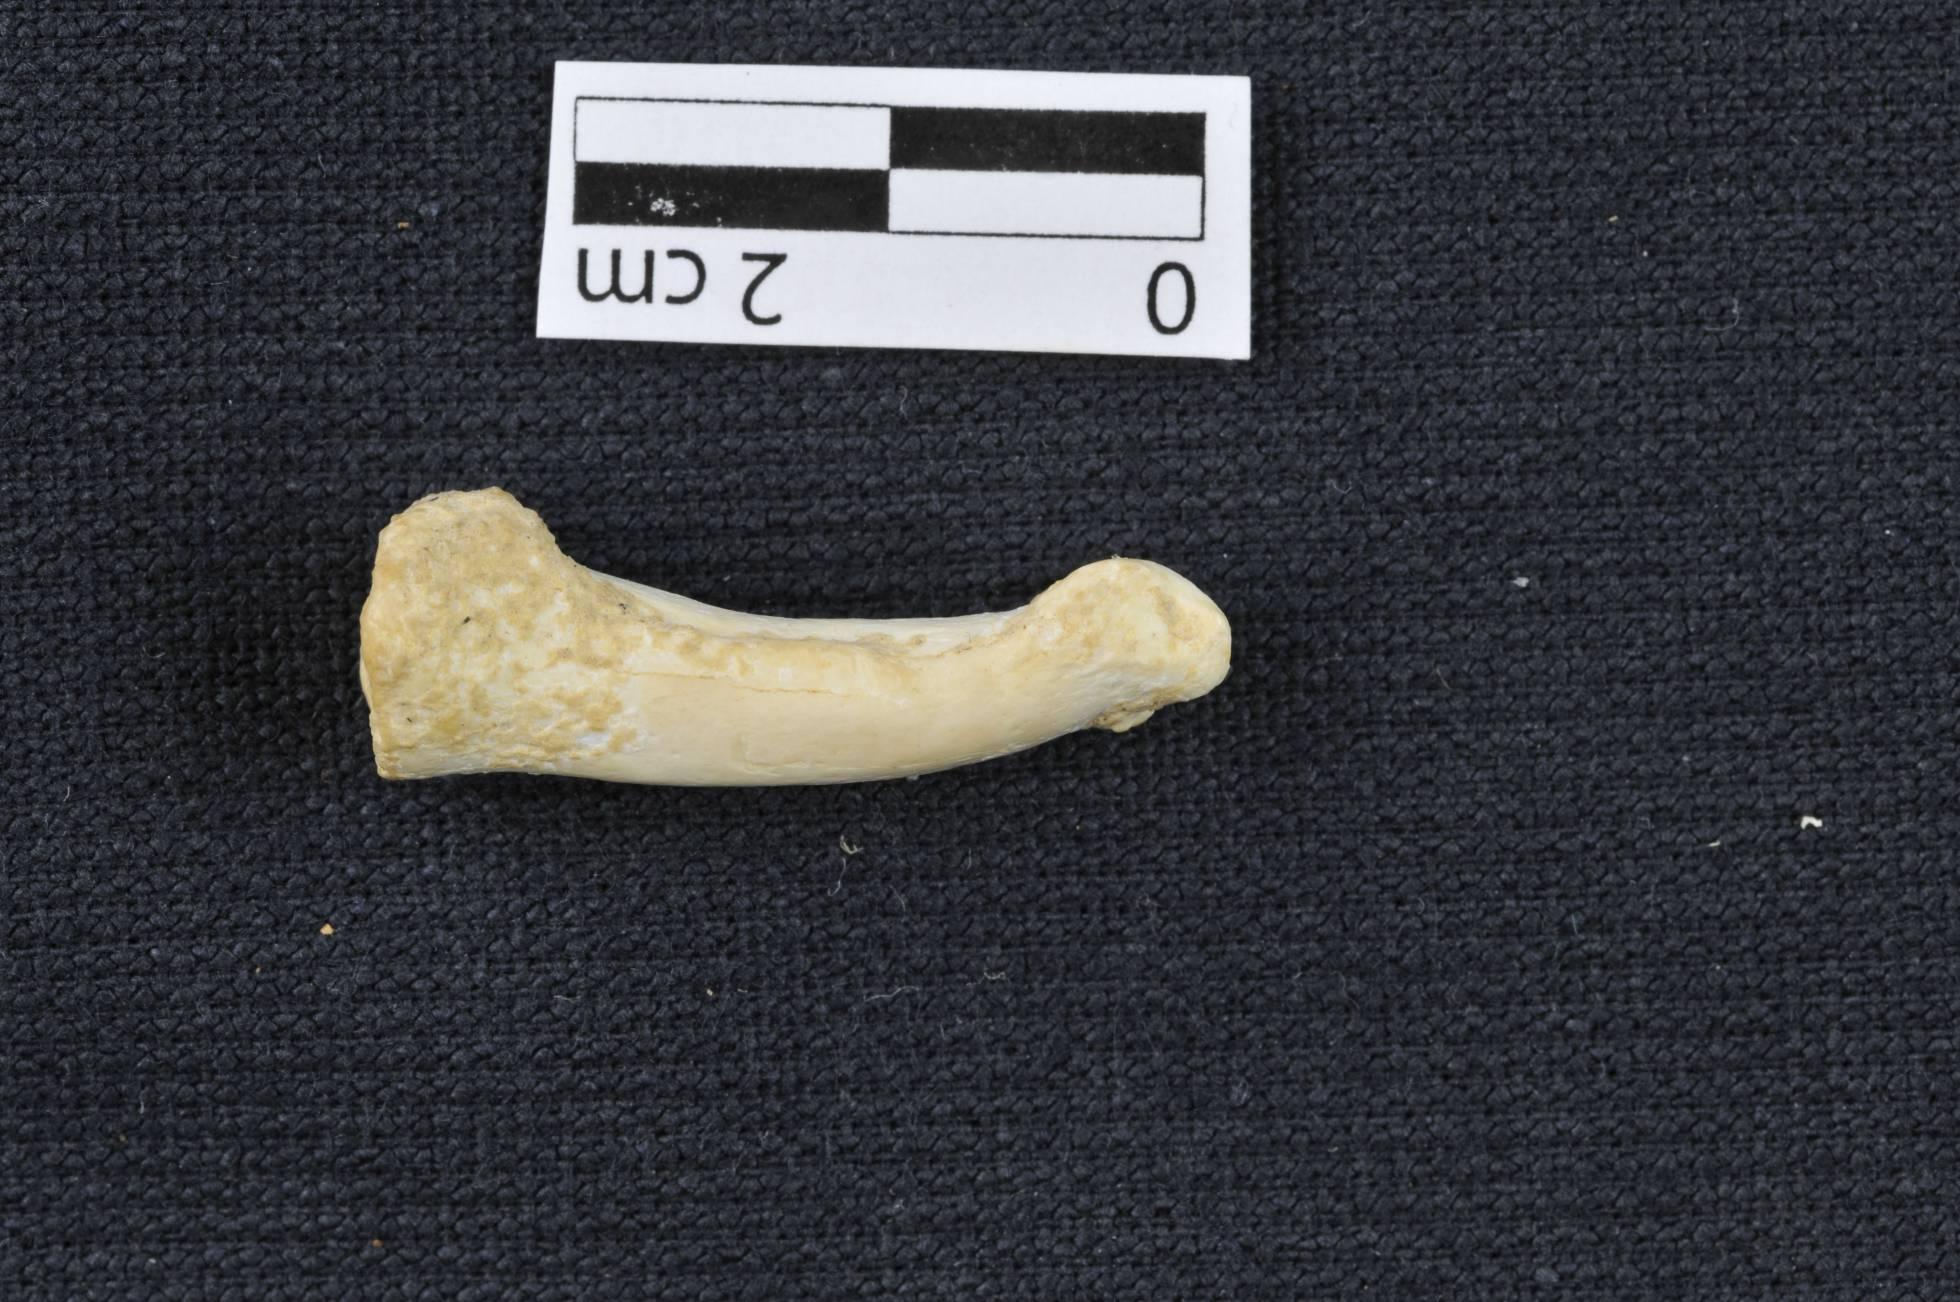 Hallados restos de una nueva especie humana en Filipinas 1554913422_860525_1554916038_sumario_normal_recorte1